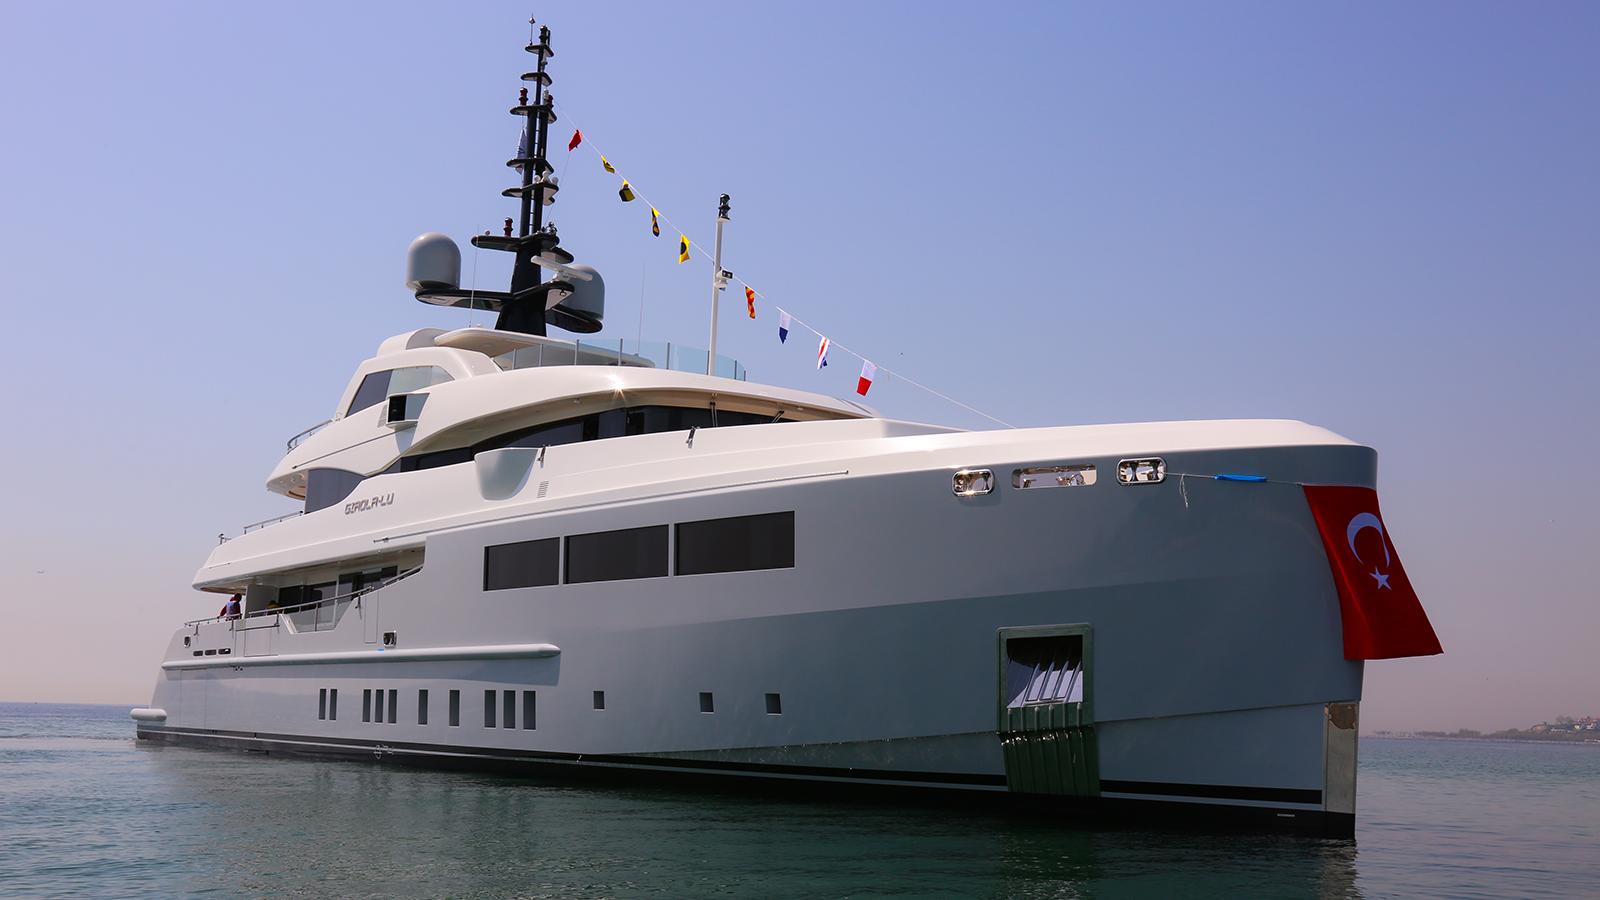 Bilgin-155-super-yacht-giaola-lu-launched